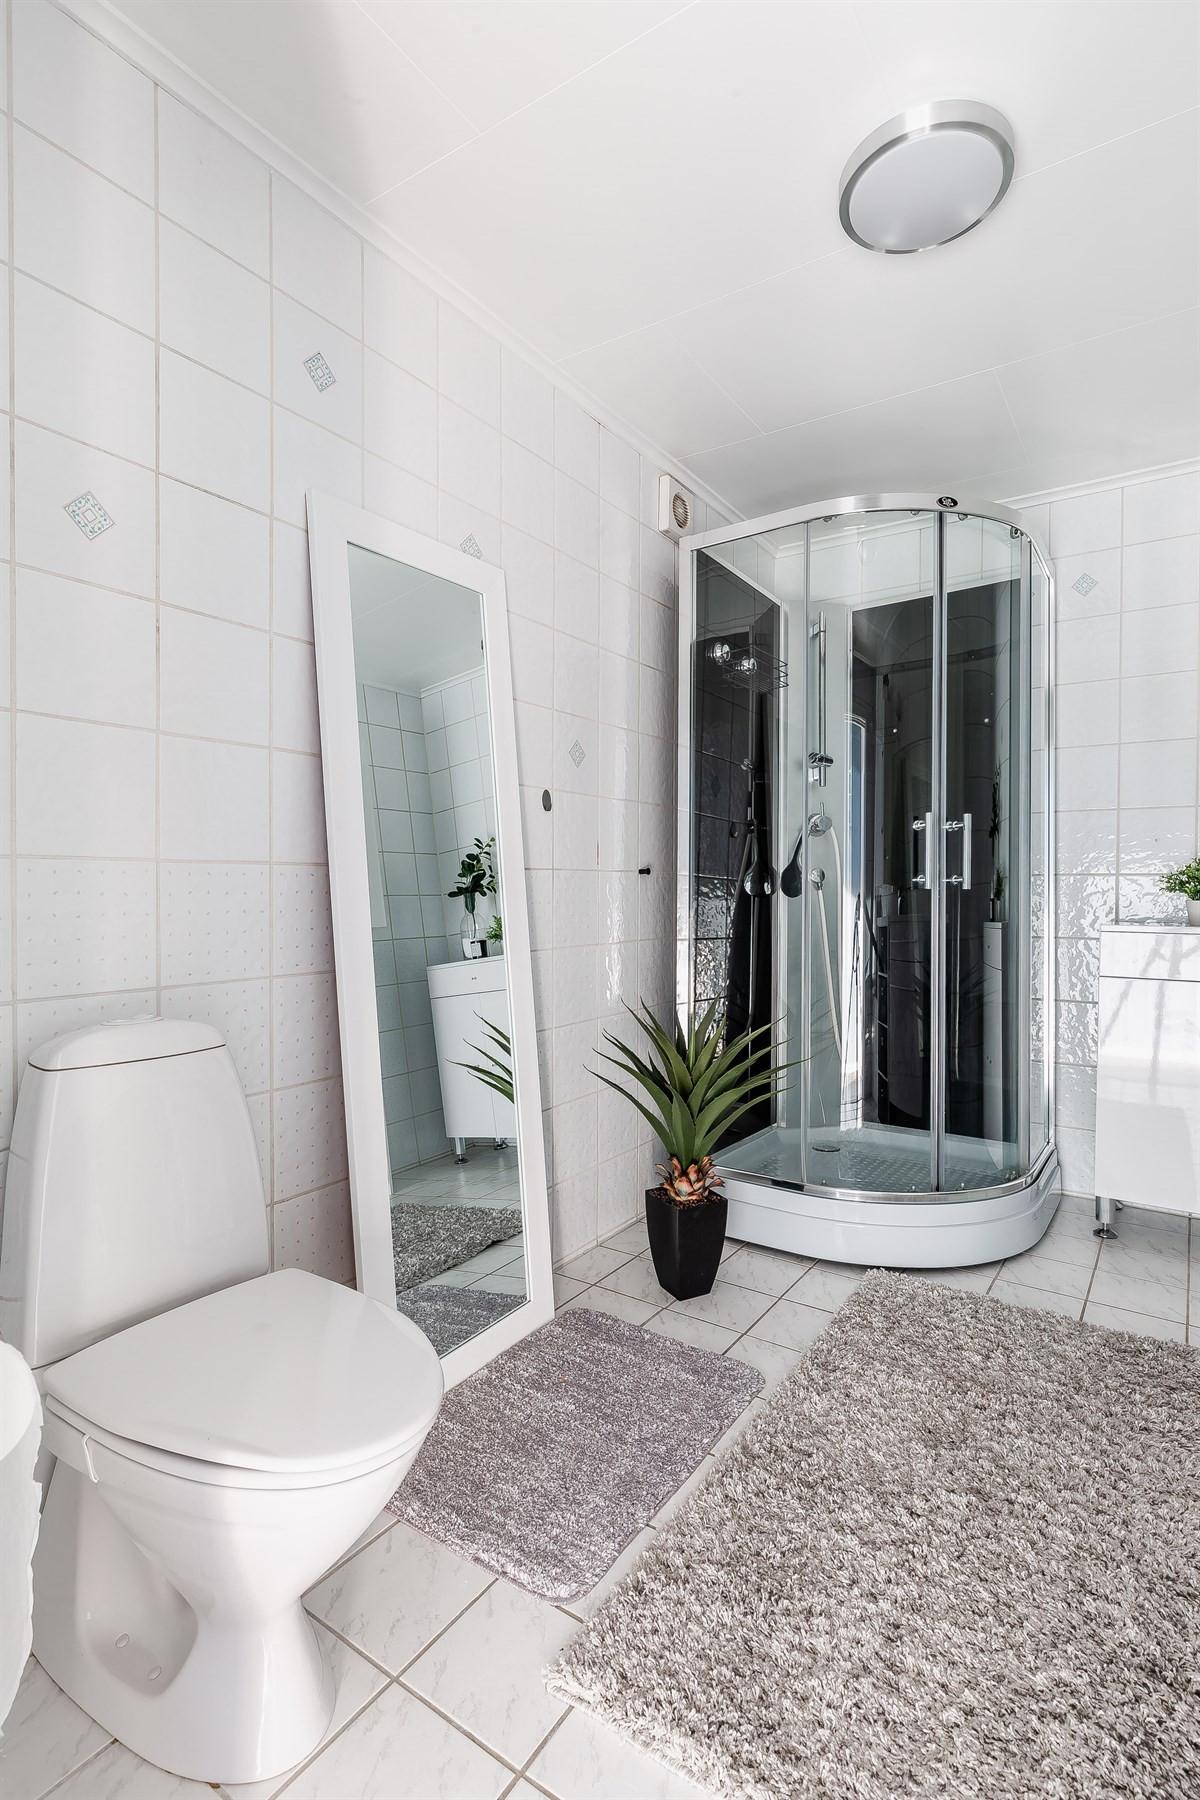 Flislagt baderom med med toalett og dusjkabinett